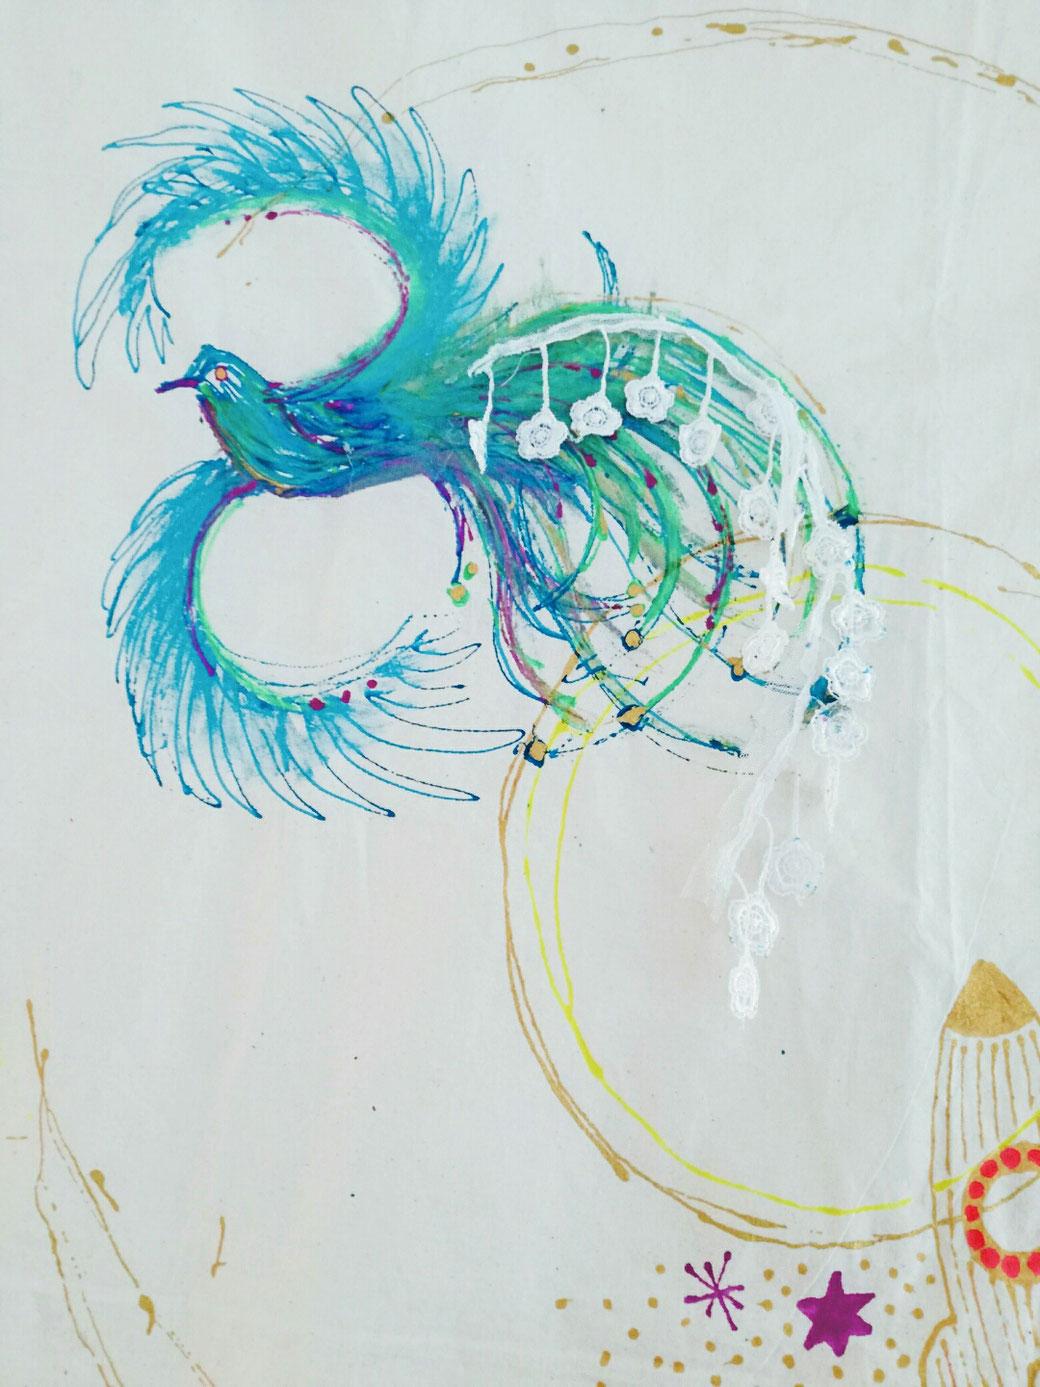 D.I.Y. Kunst Geschichten fürs Kinderzimmer, Stoffmalerei, Wandbehang, Wandbild, Gästebuch,Bilderbuch aus Stoff, mit Kindern malen, Paradies Vogel